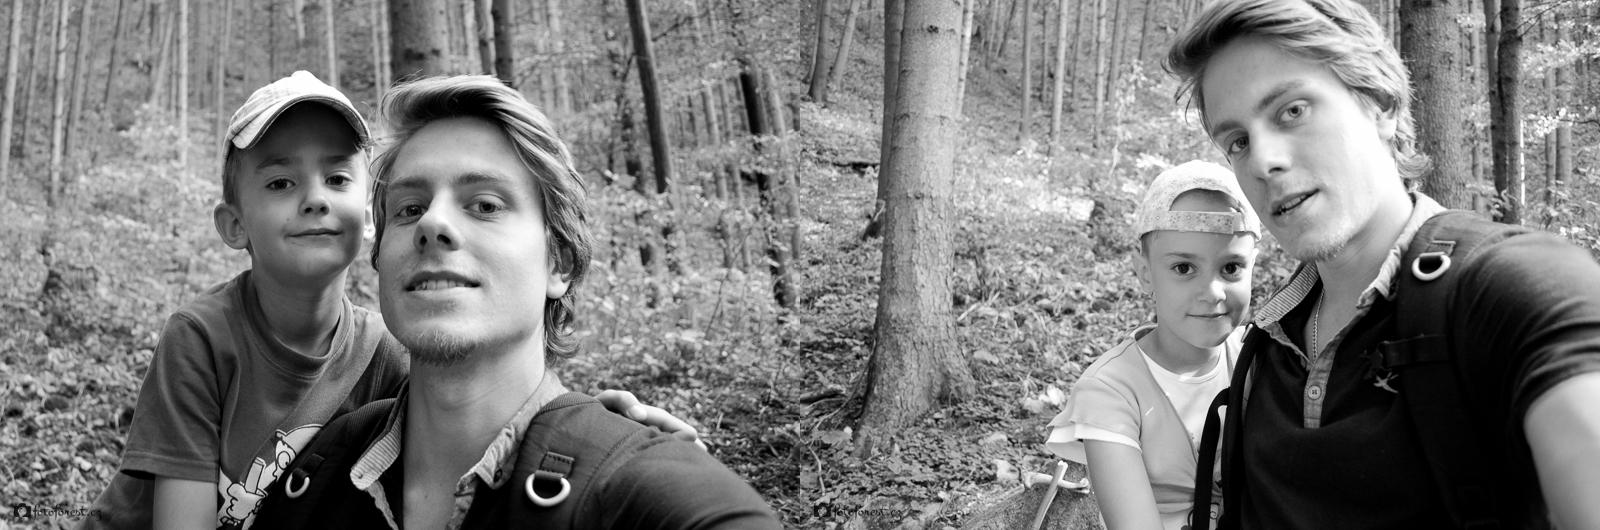 S bráchou a ségrou v Borači | Borač | 10.8.2013